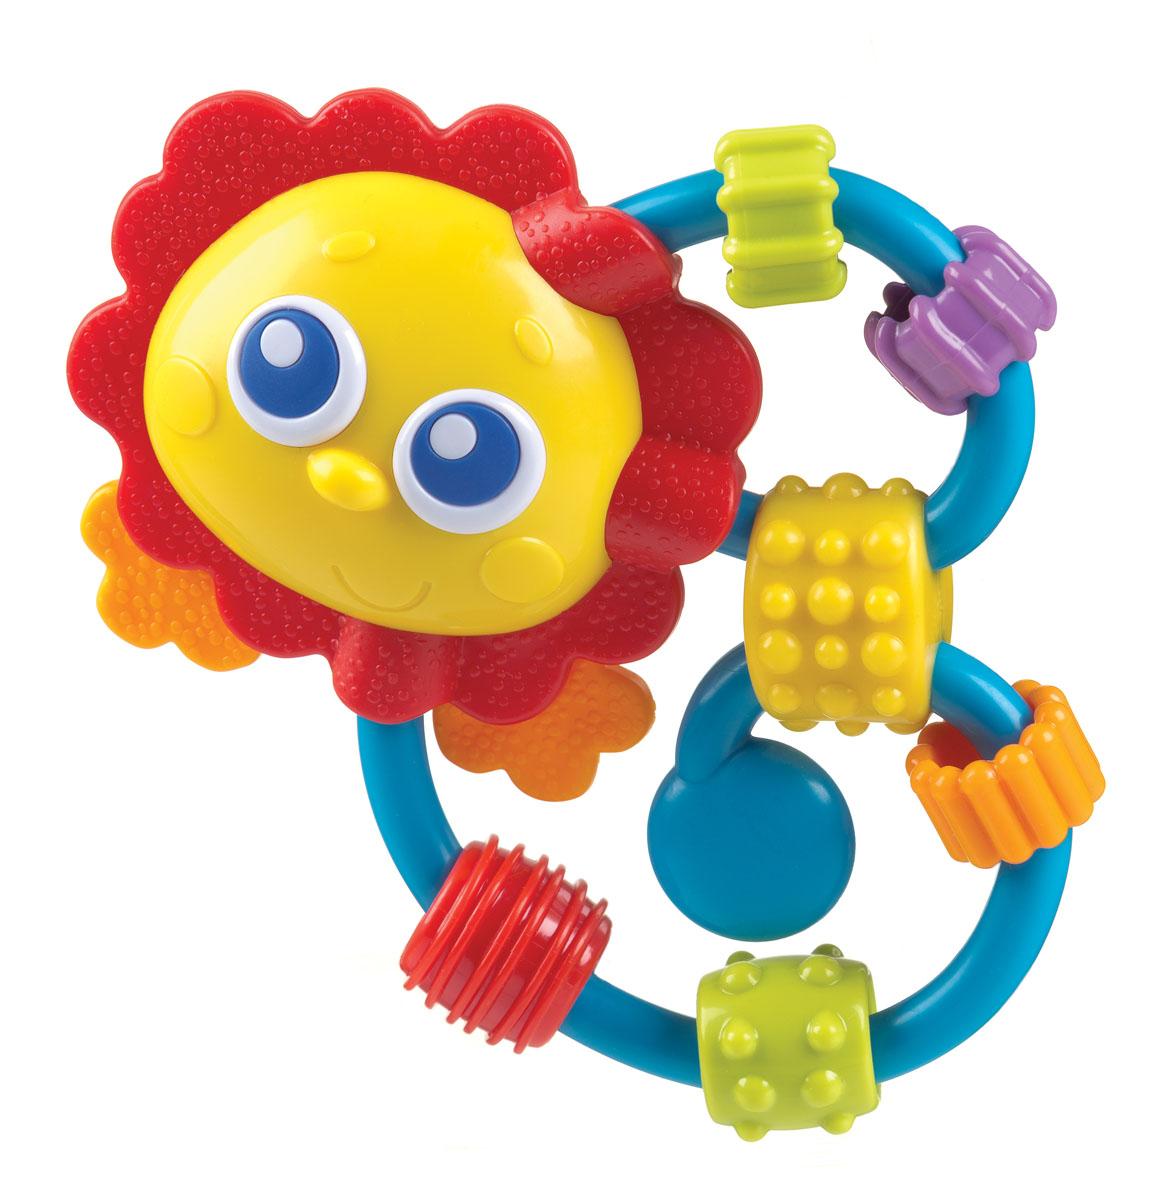 Playgro Игрушка-погремушка 0182514182514Грива льва и лапки изготовлены из мягкого рифленого пластика. На кольца нанизано 6 бусин с рифленой поверхностью, они отличаются между собой по форме цвету и протектору. Перемещая их по колечкам, малыш быстро освоит навыки мелкой моторики, разовьет тактильные ощущения.